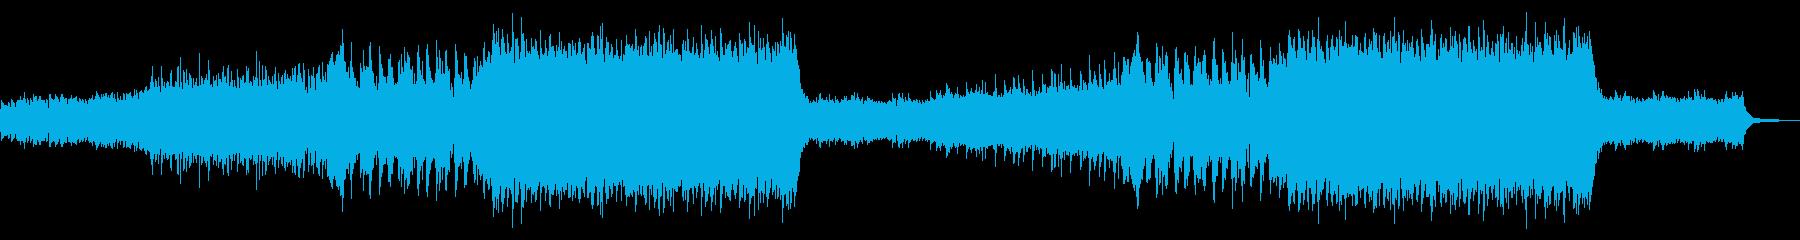 【予告編】アドベンチャートレーラーの再生済みの波形